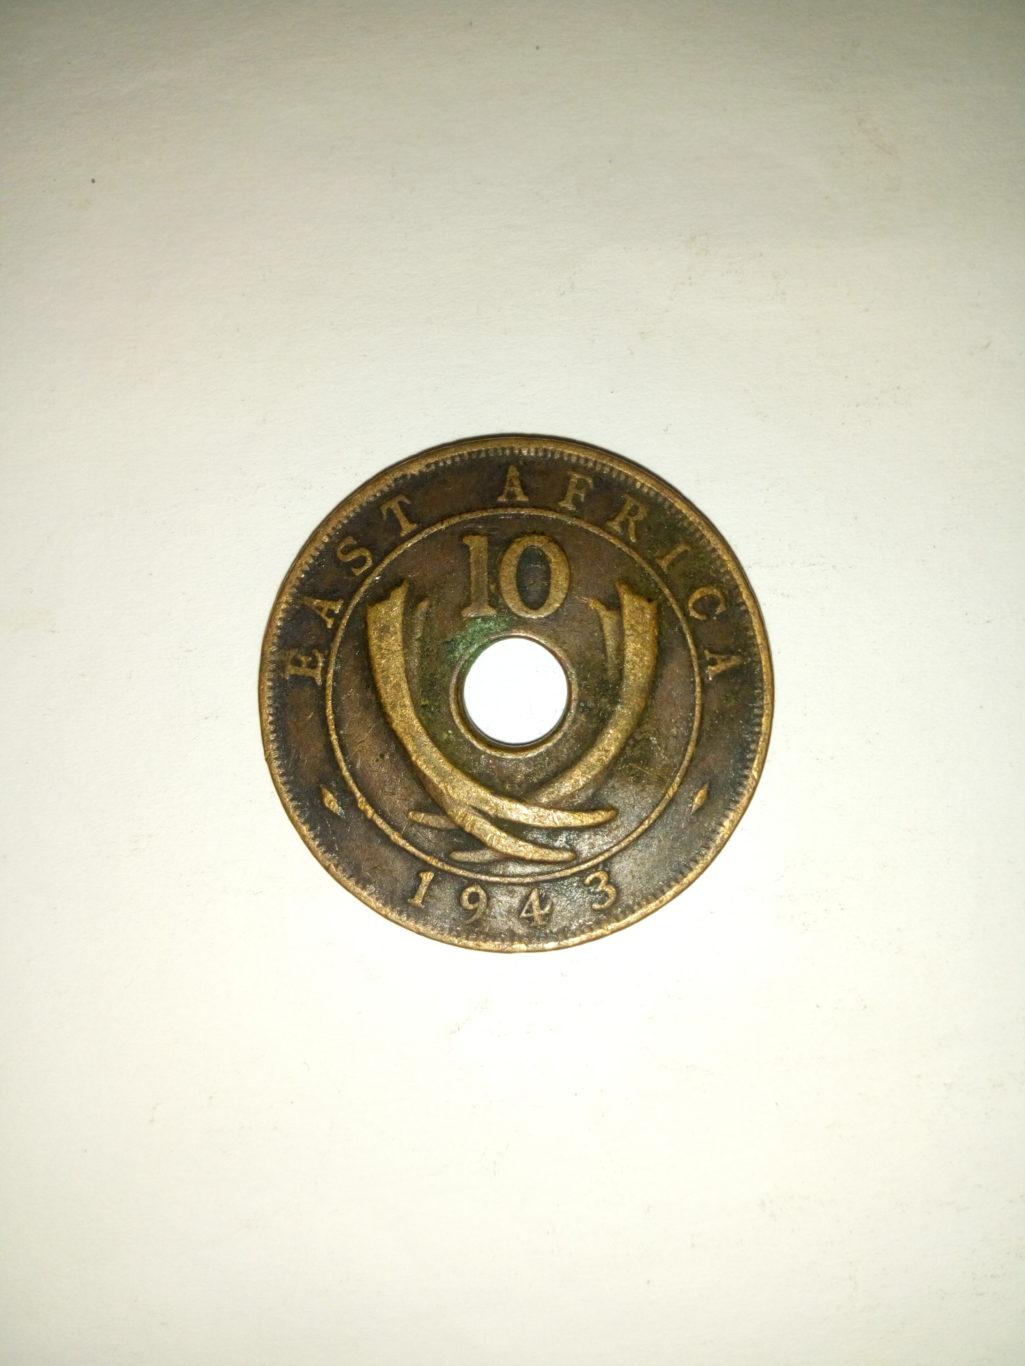 1943_georgivs V1 10 cen